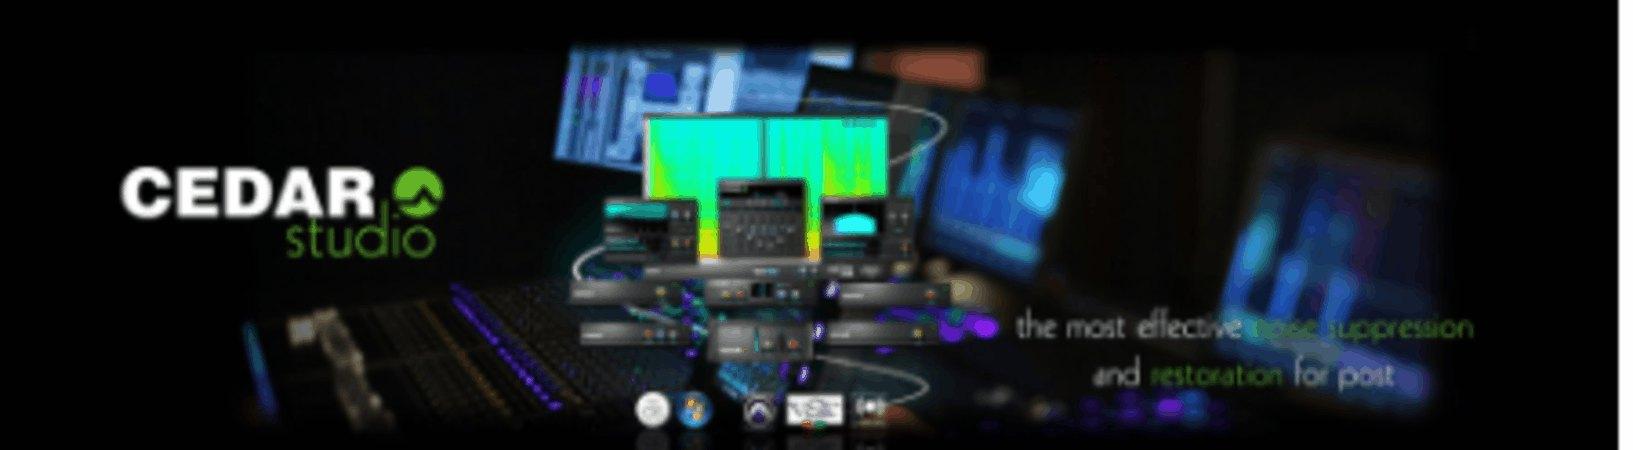 Cedar Studio 9 DNS